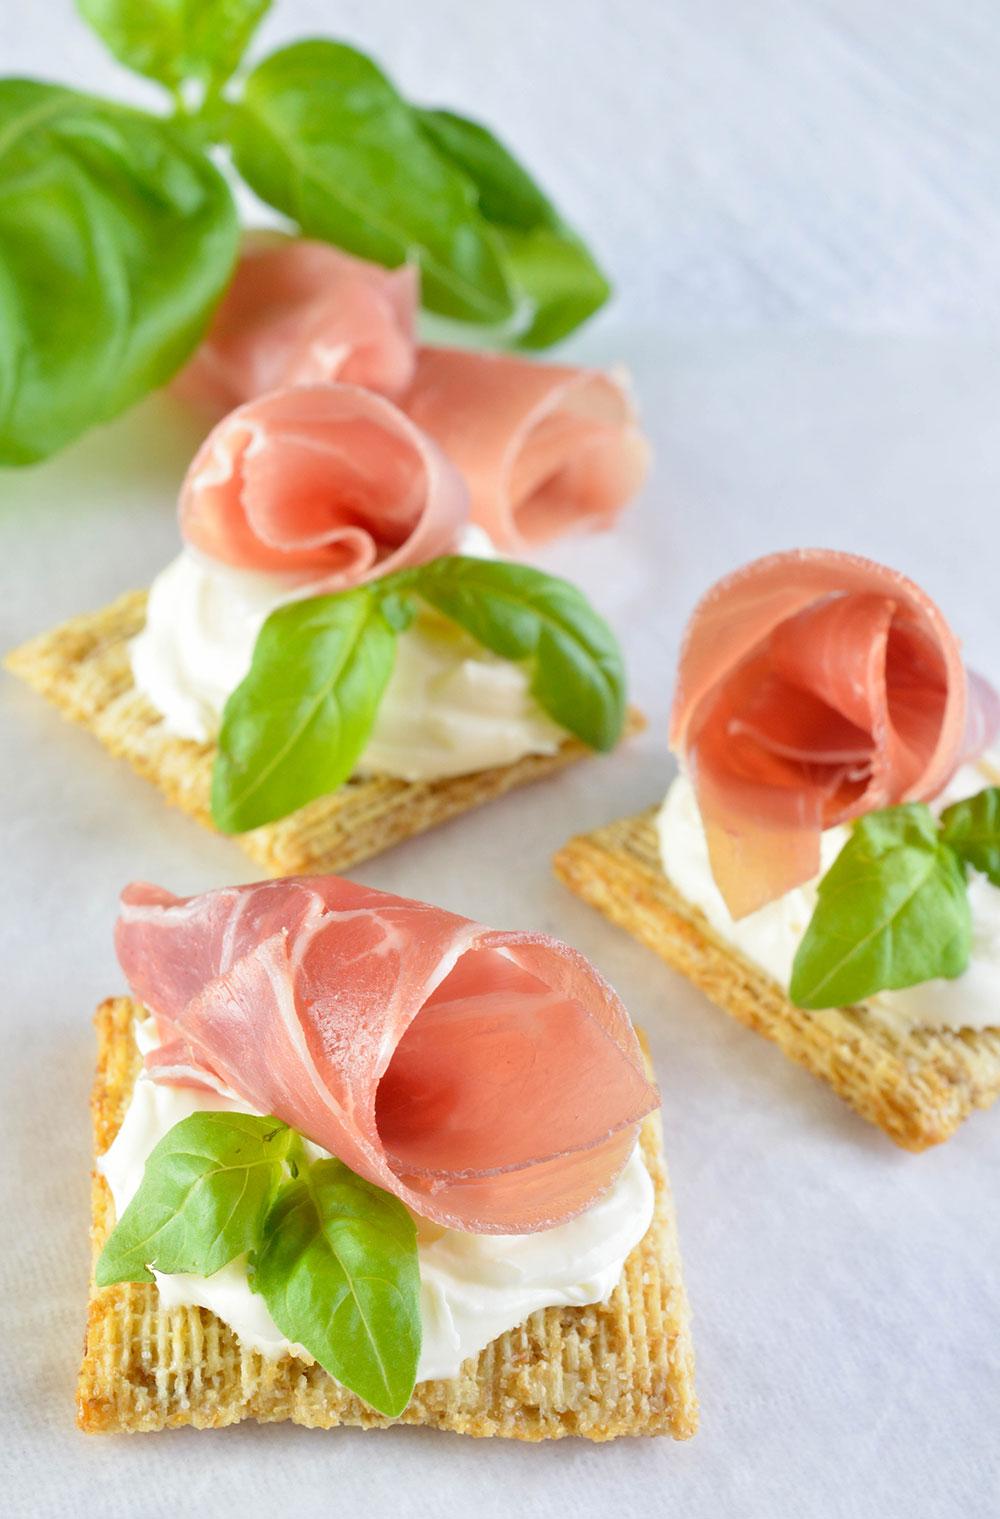 Easy Snack Recipe With Prosciutto, Basil & Mascarpone